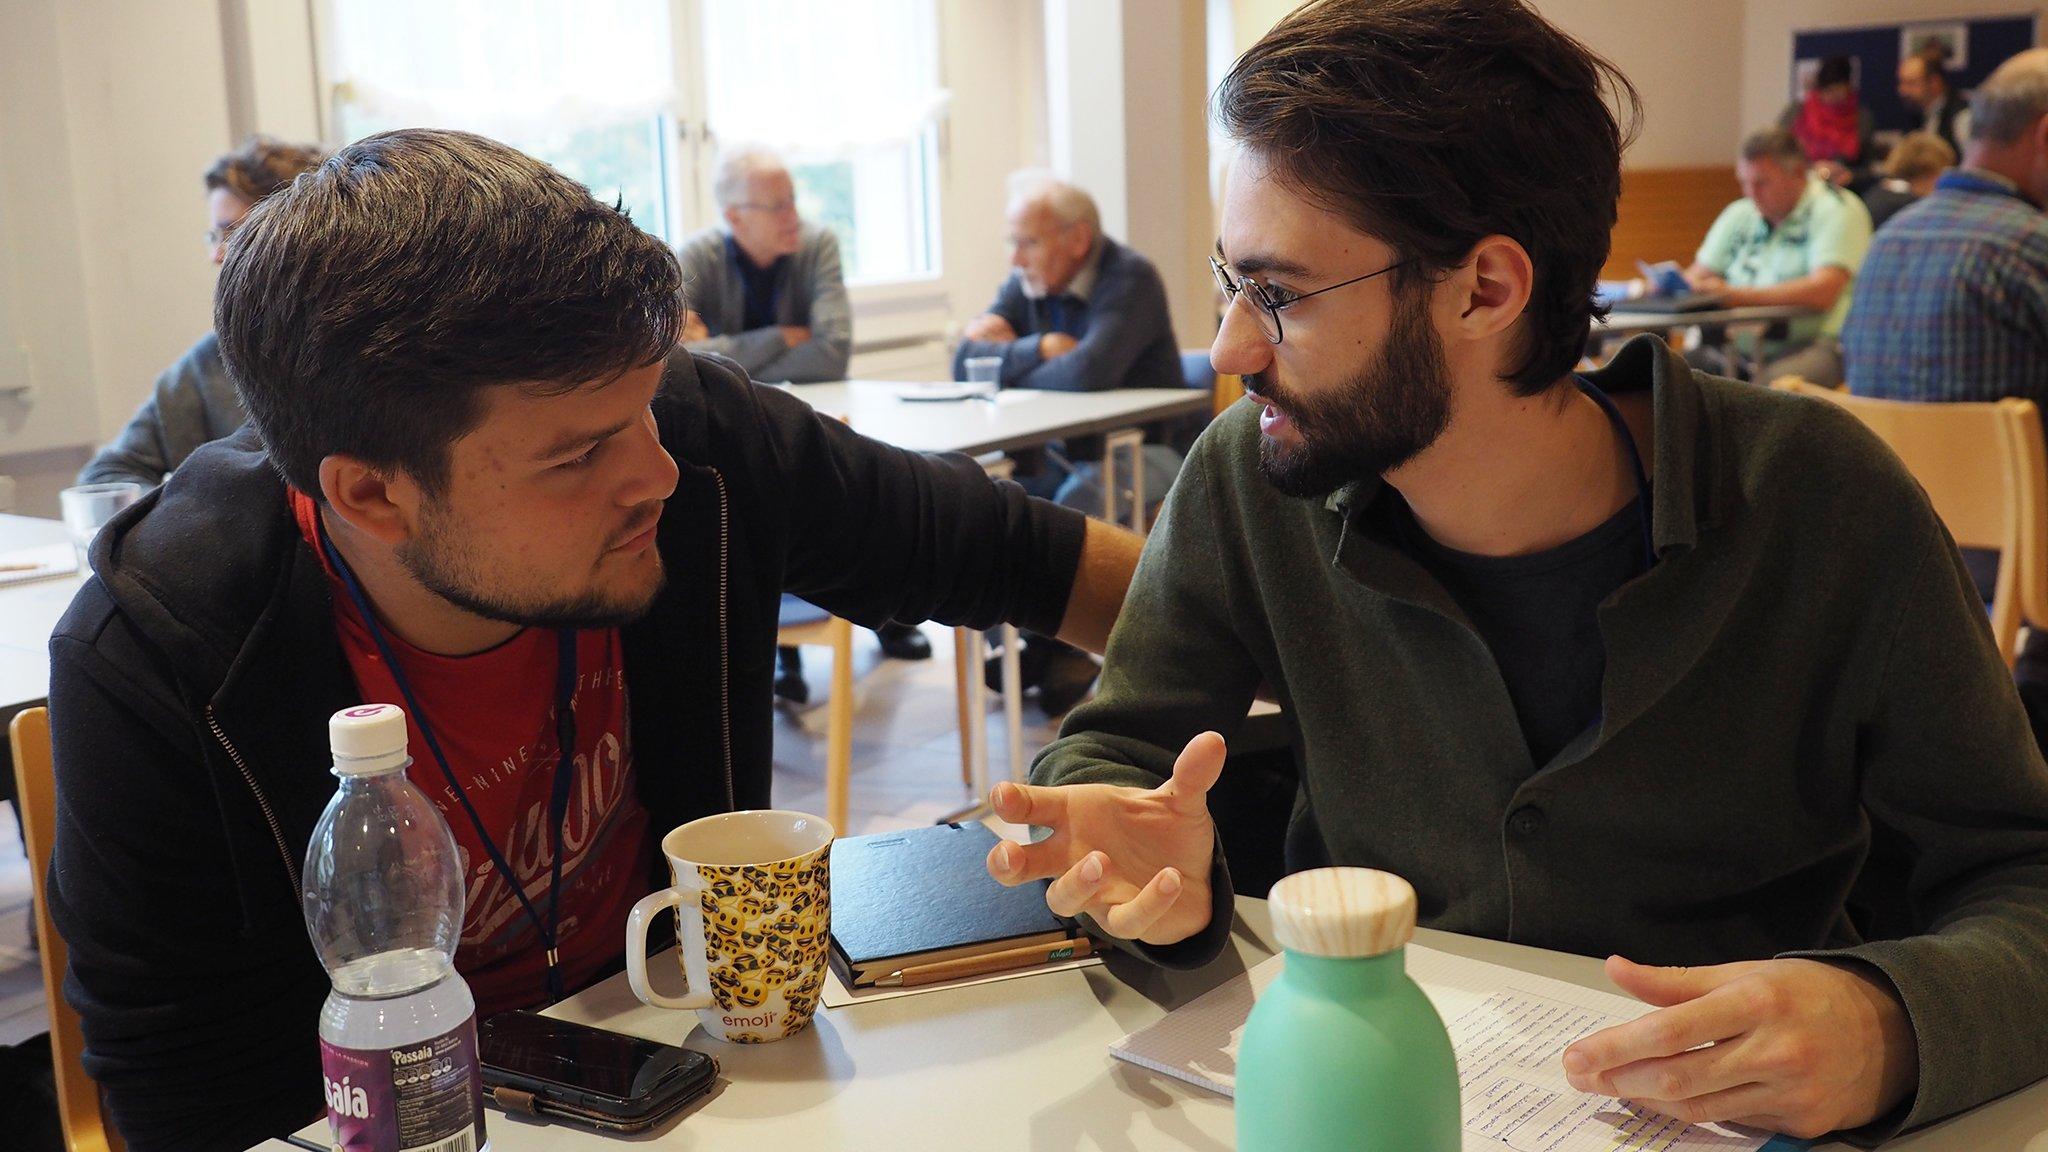 Das Zeitgeistseminar liefert den Teilnehmern viel Diskussionsstoff.